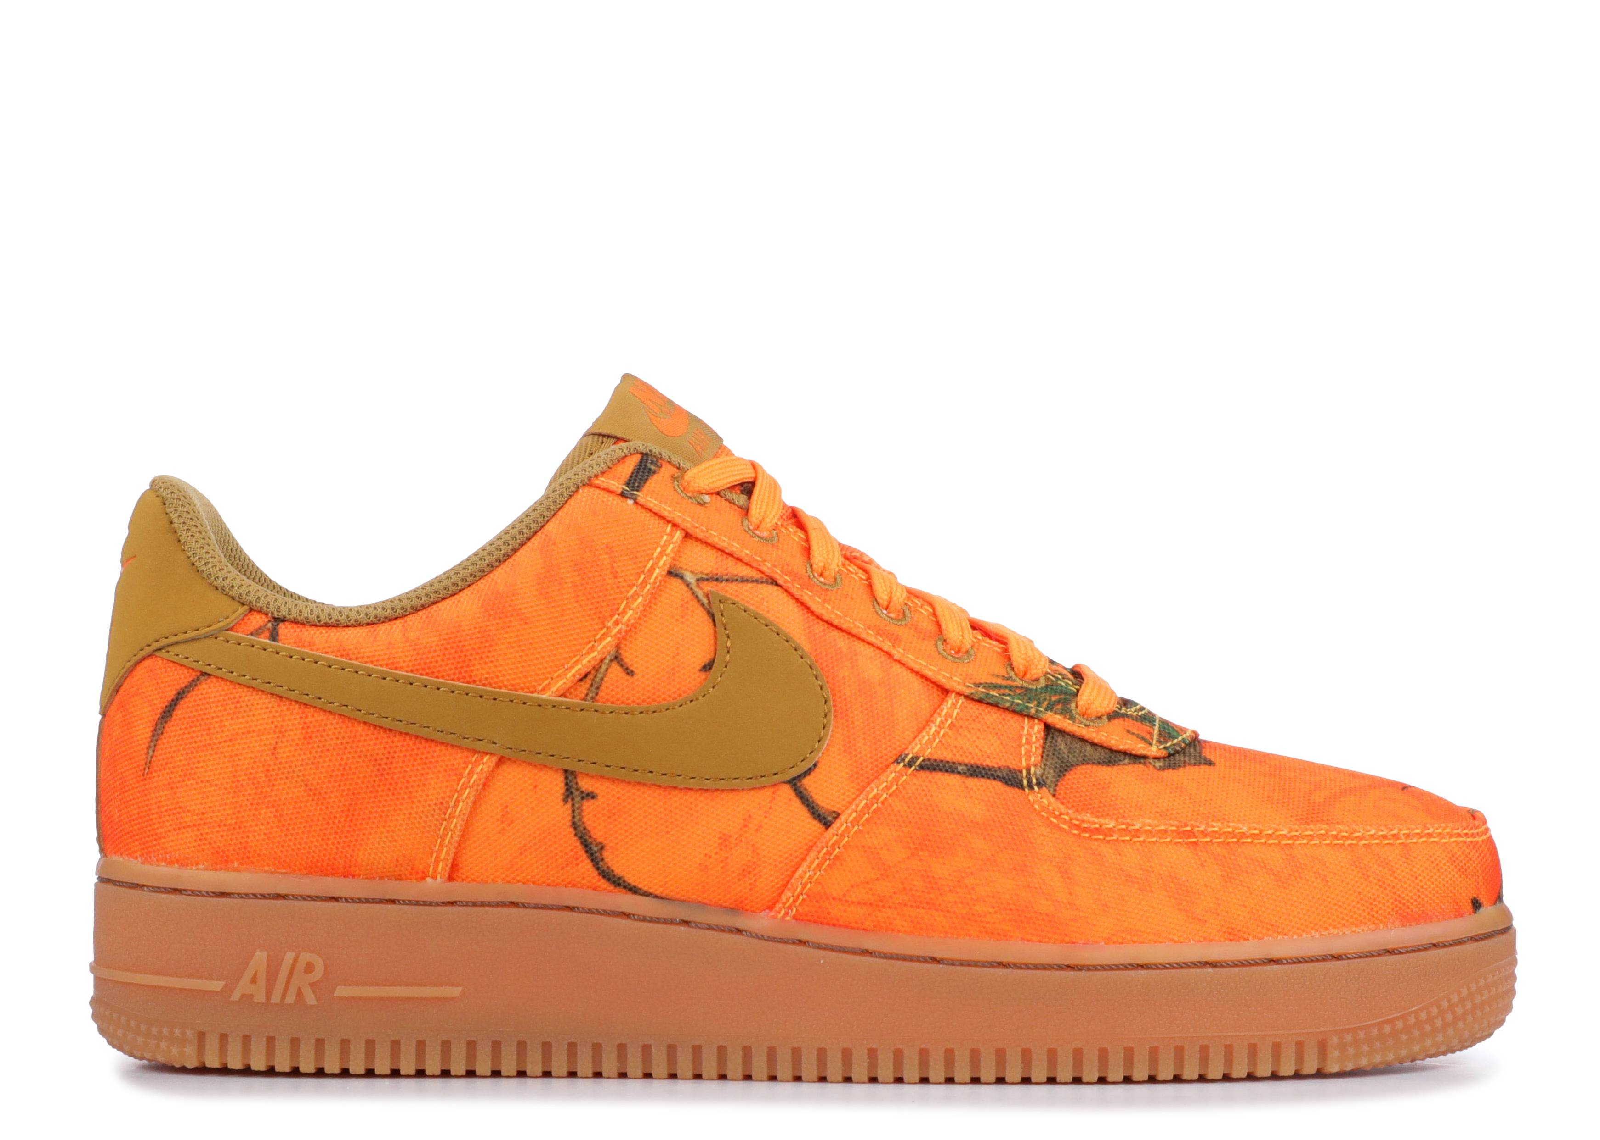 air force 1 wheat